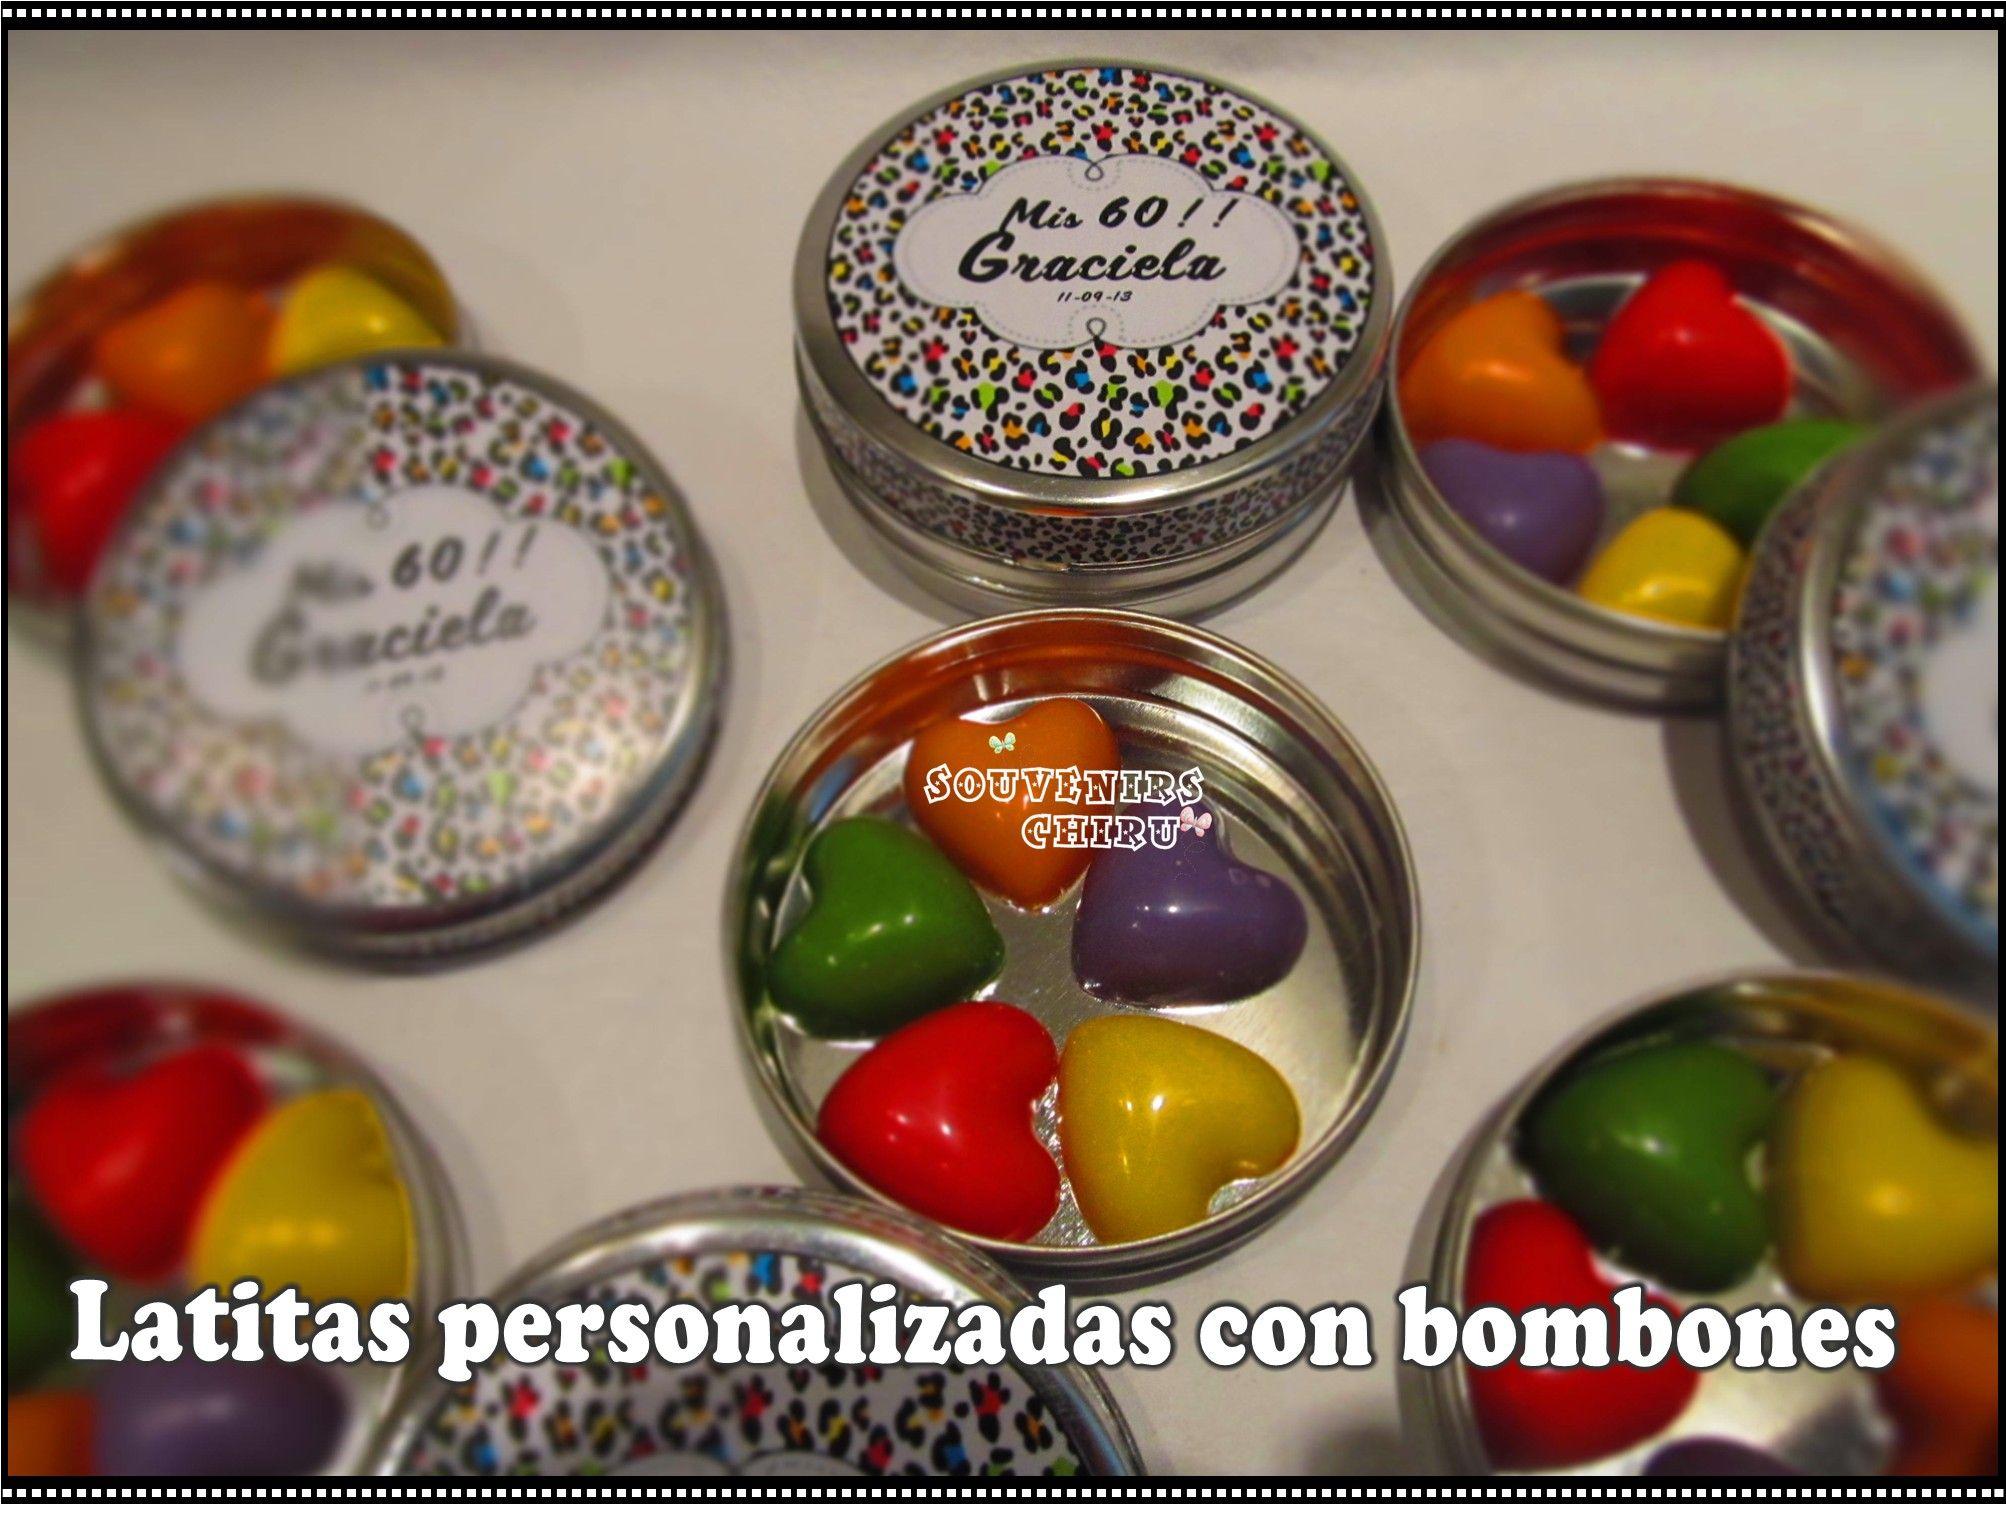 Souvenirs Personalizados, latas personalizadas. Pastilleros personalizados, con bombones. chiru.souvenirs@hotmail.com